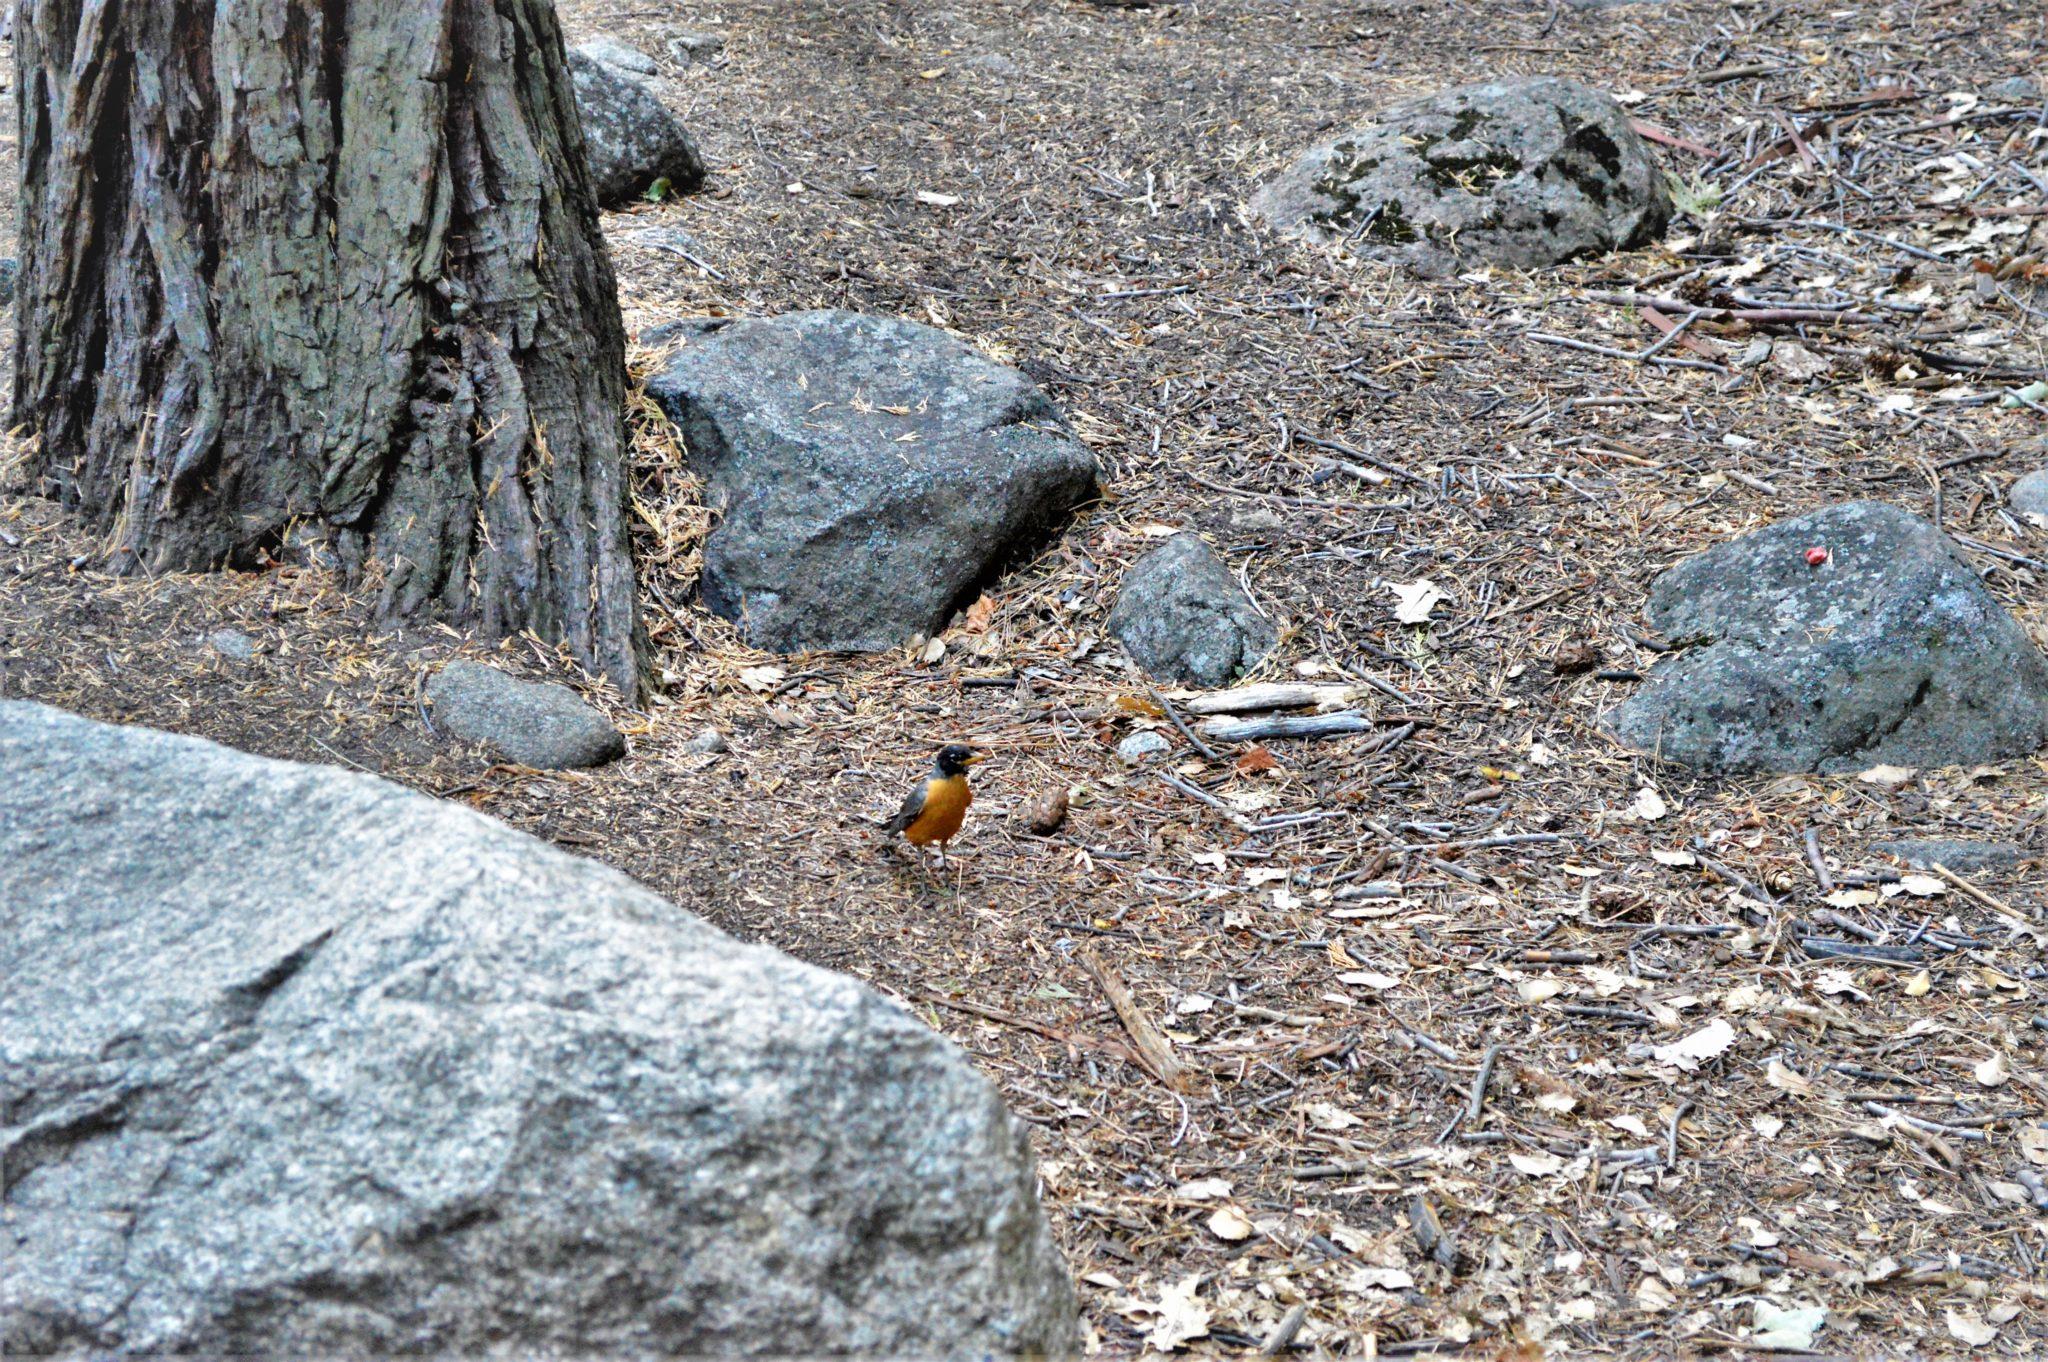 Bird at Yosemite National Park, California, things to do at yosemite